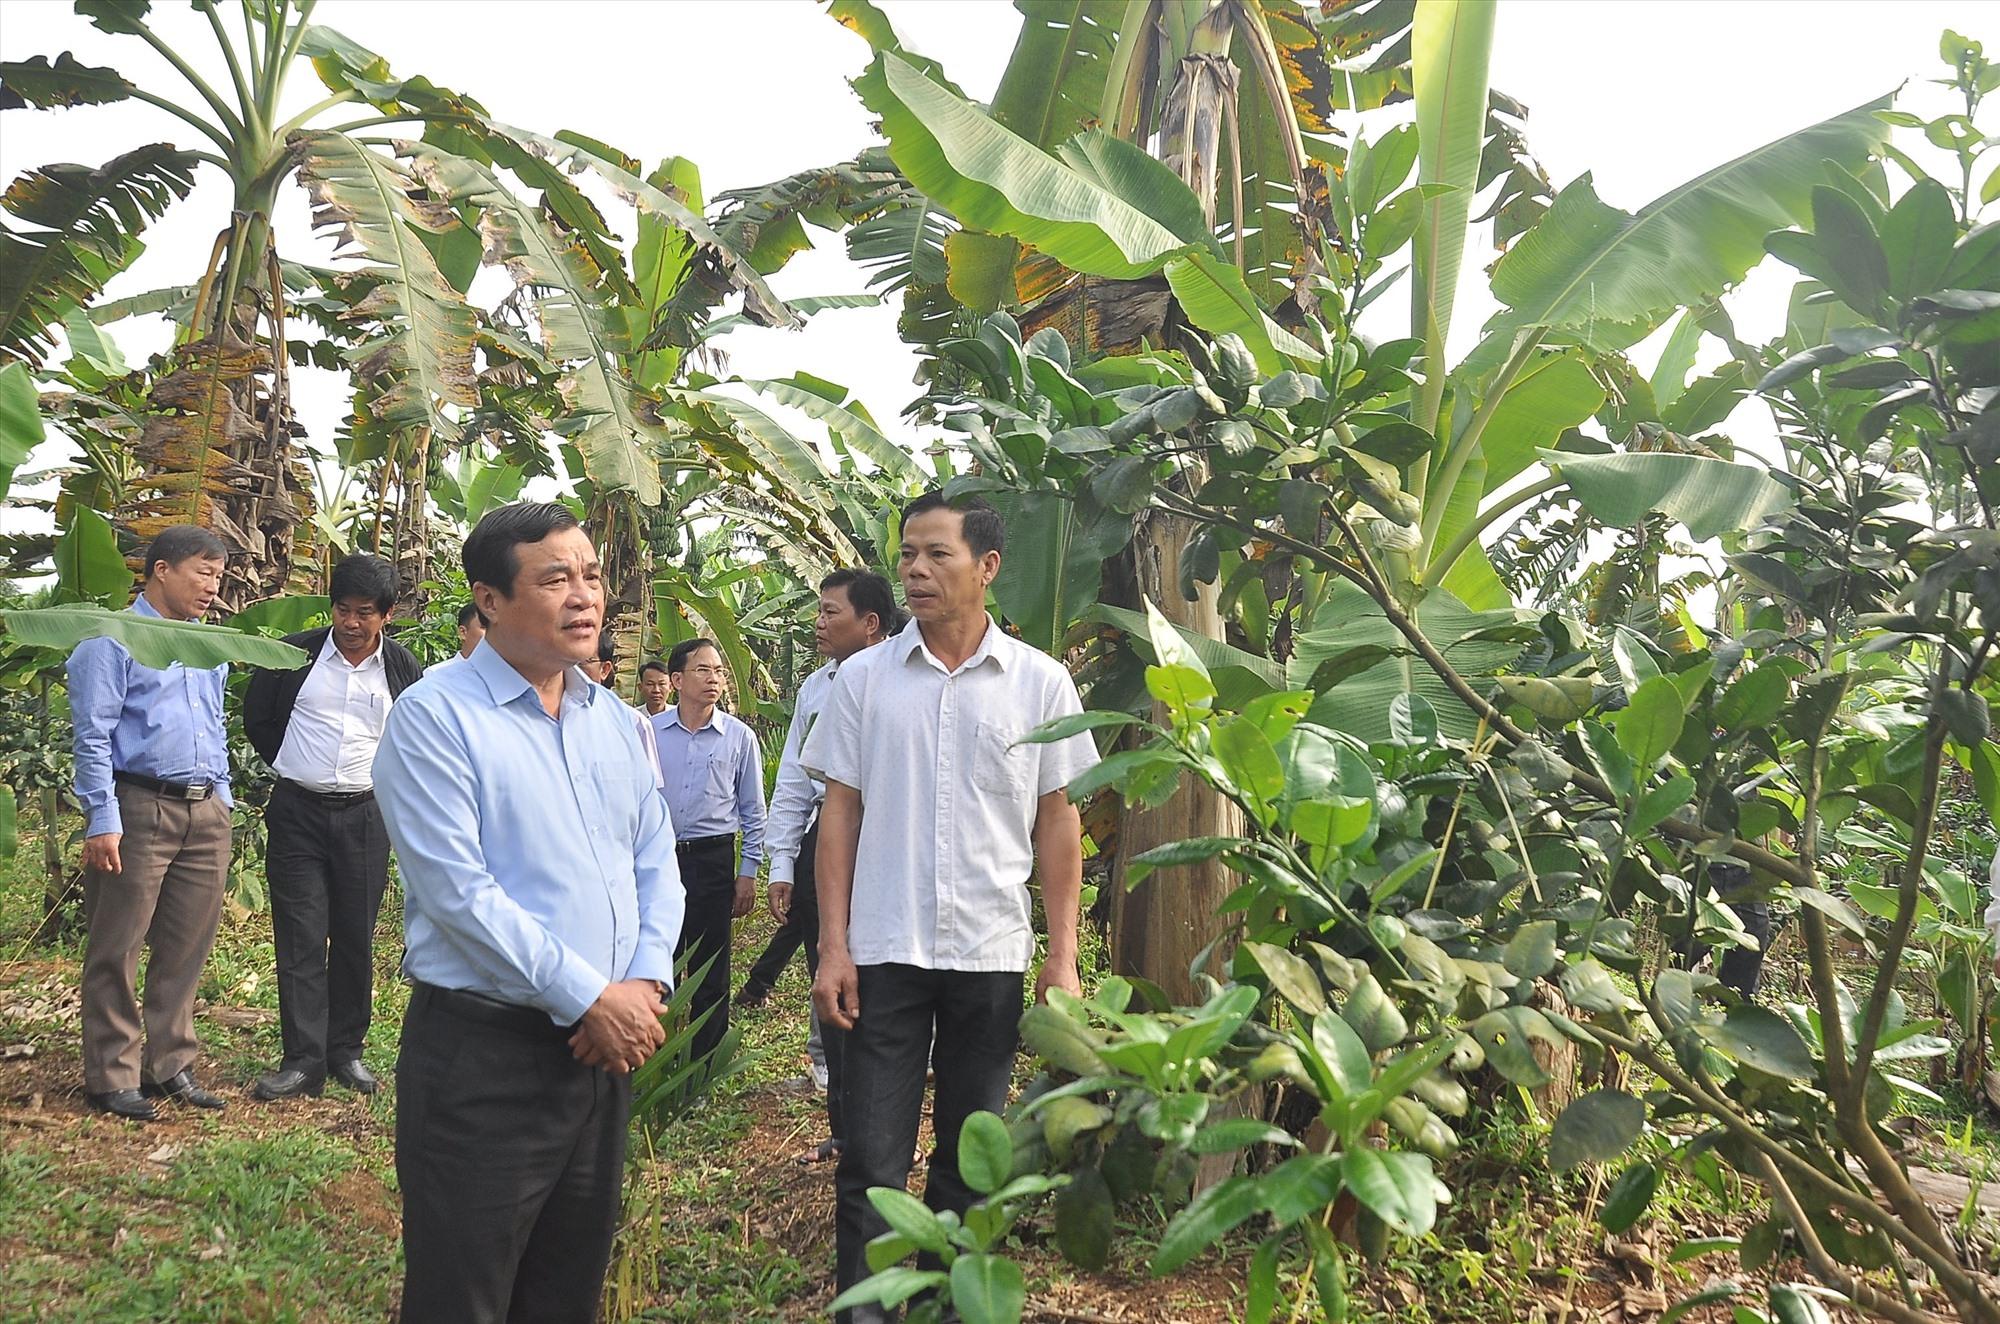 Bí thư Tỉnh ủy Phan Việt Cường kiểm tra thực tế mô hình làm kinh tế vườn tại xã Tiên Hà. Ảnh: VINH ANH